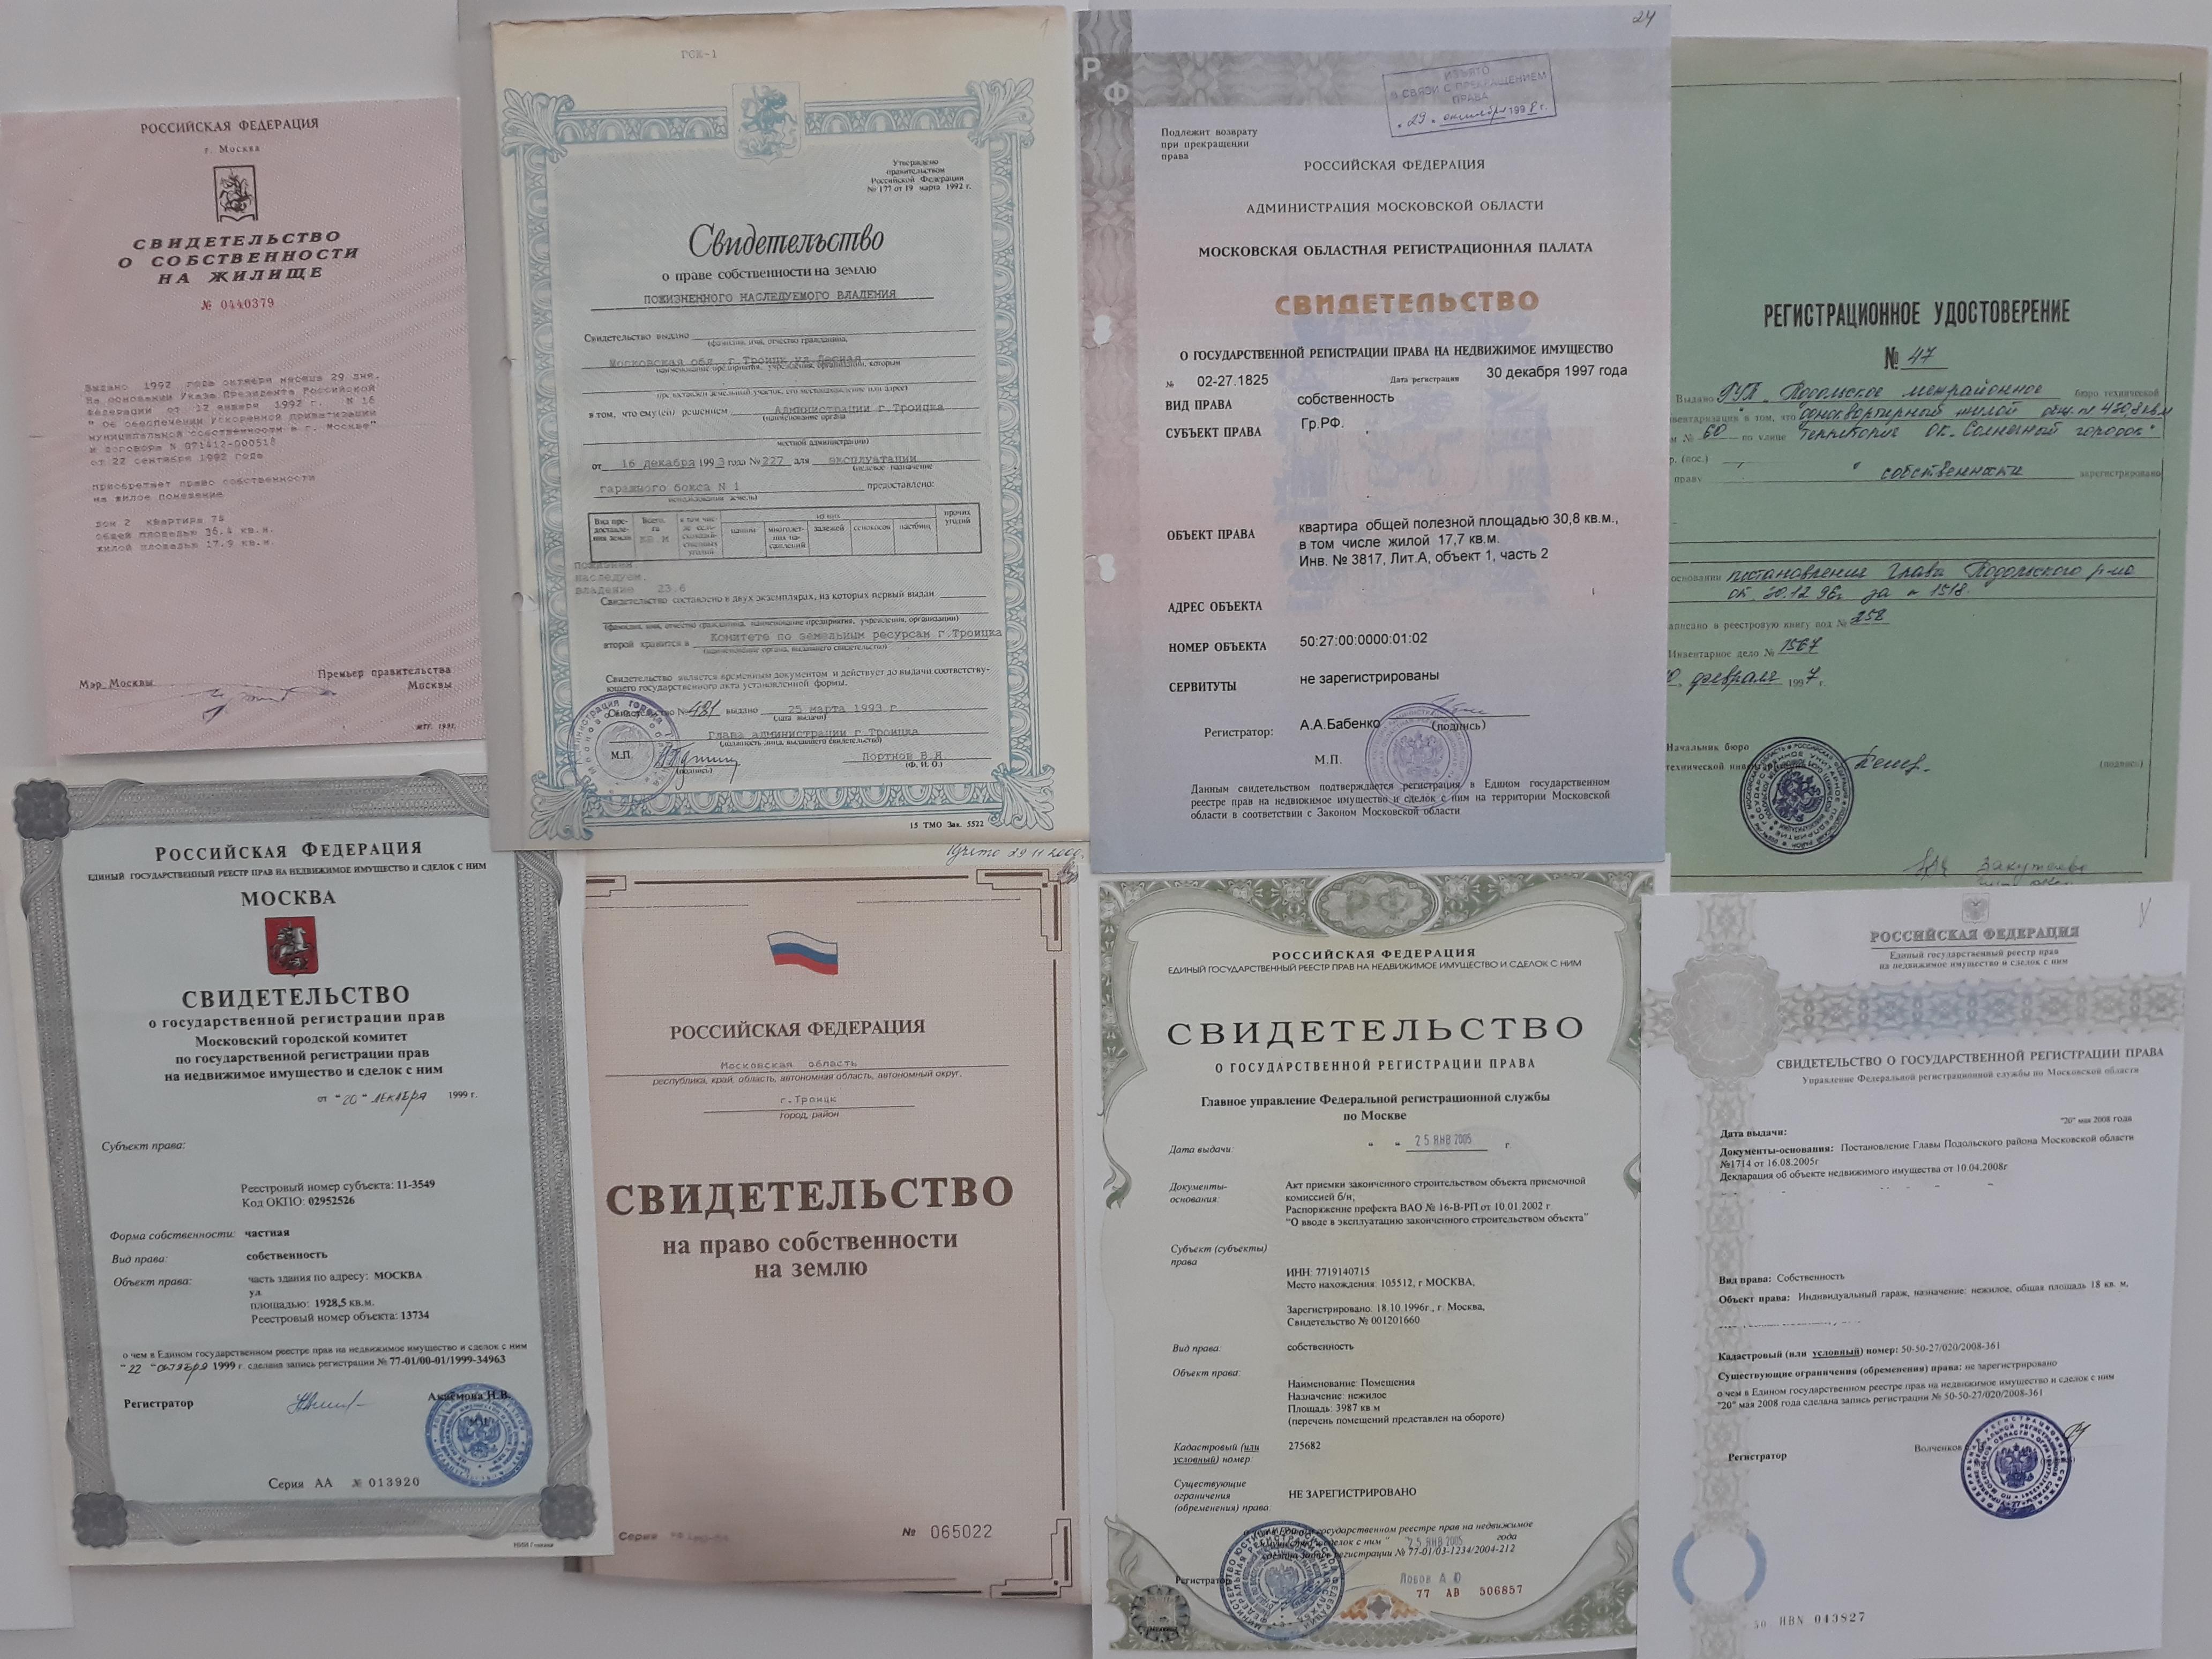 Ооо регистратор регистрация сделок программа для подачи отчетности в электронном виде